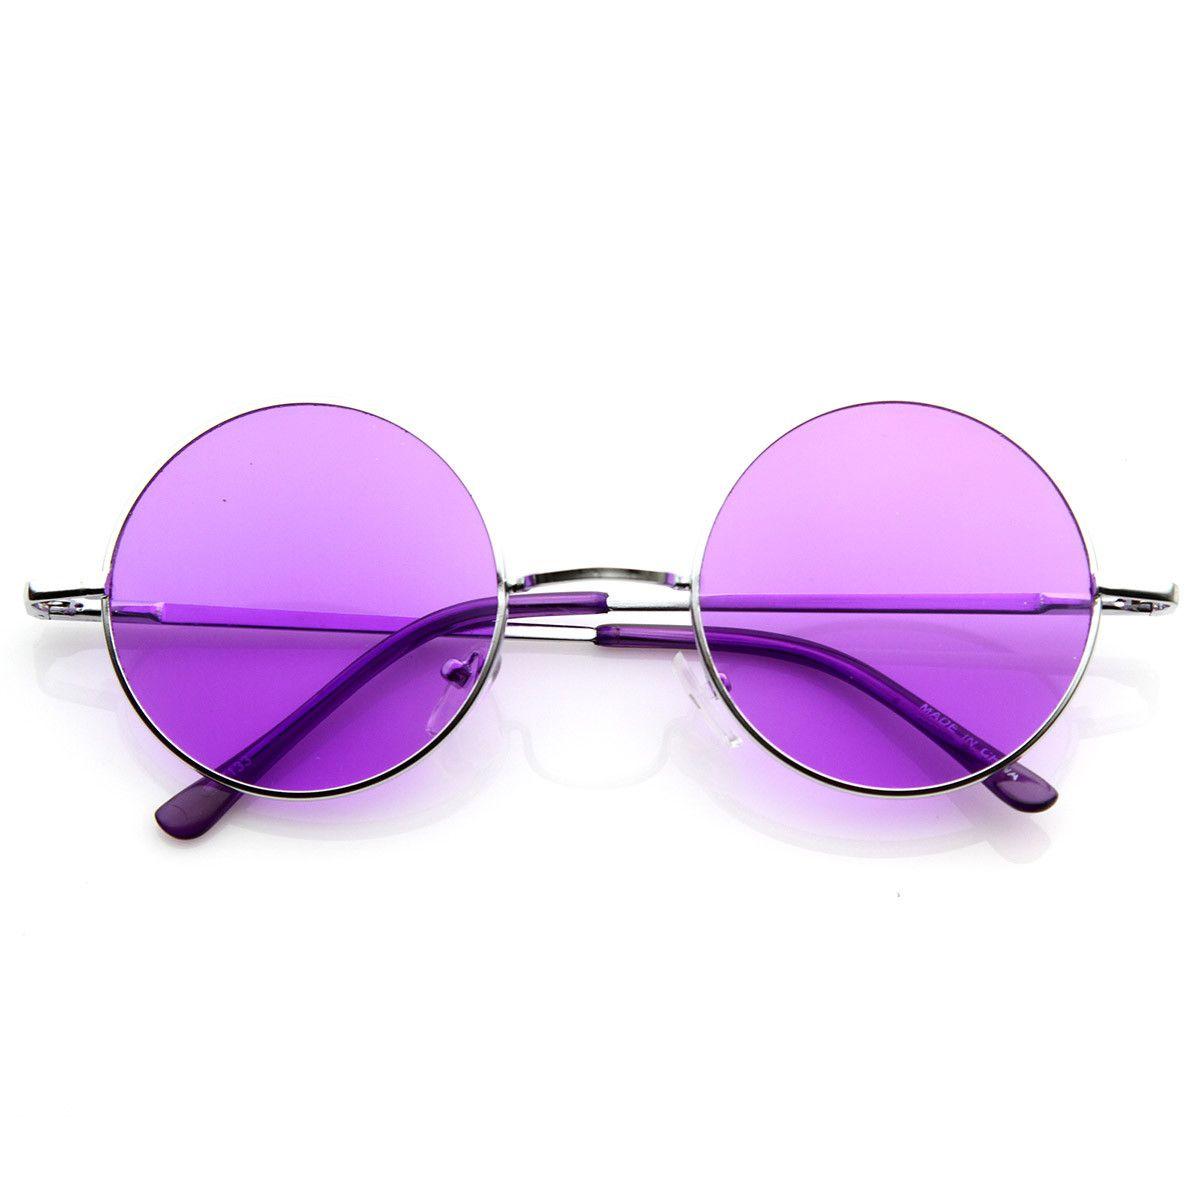 27a06cdccf Retro Hippie Fashion Metal Lennon Round Sunglasses Color Lens 8594 Purple  Haze, The Color Purple